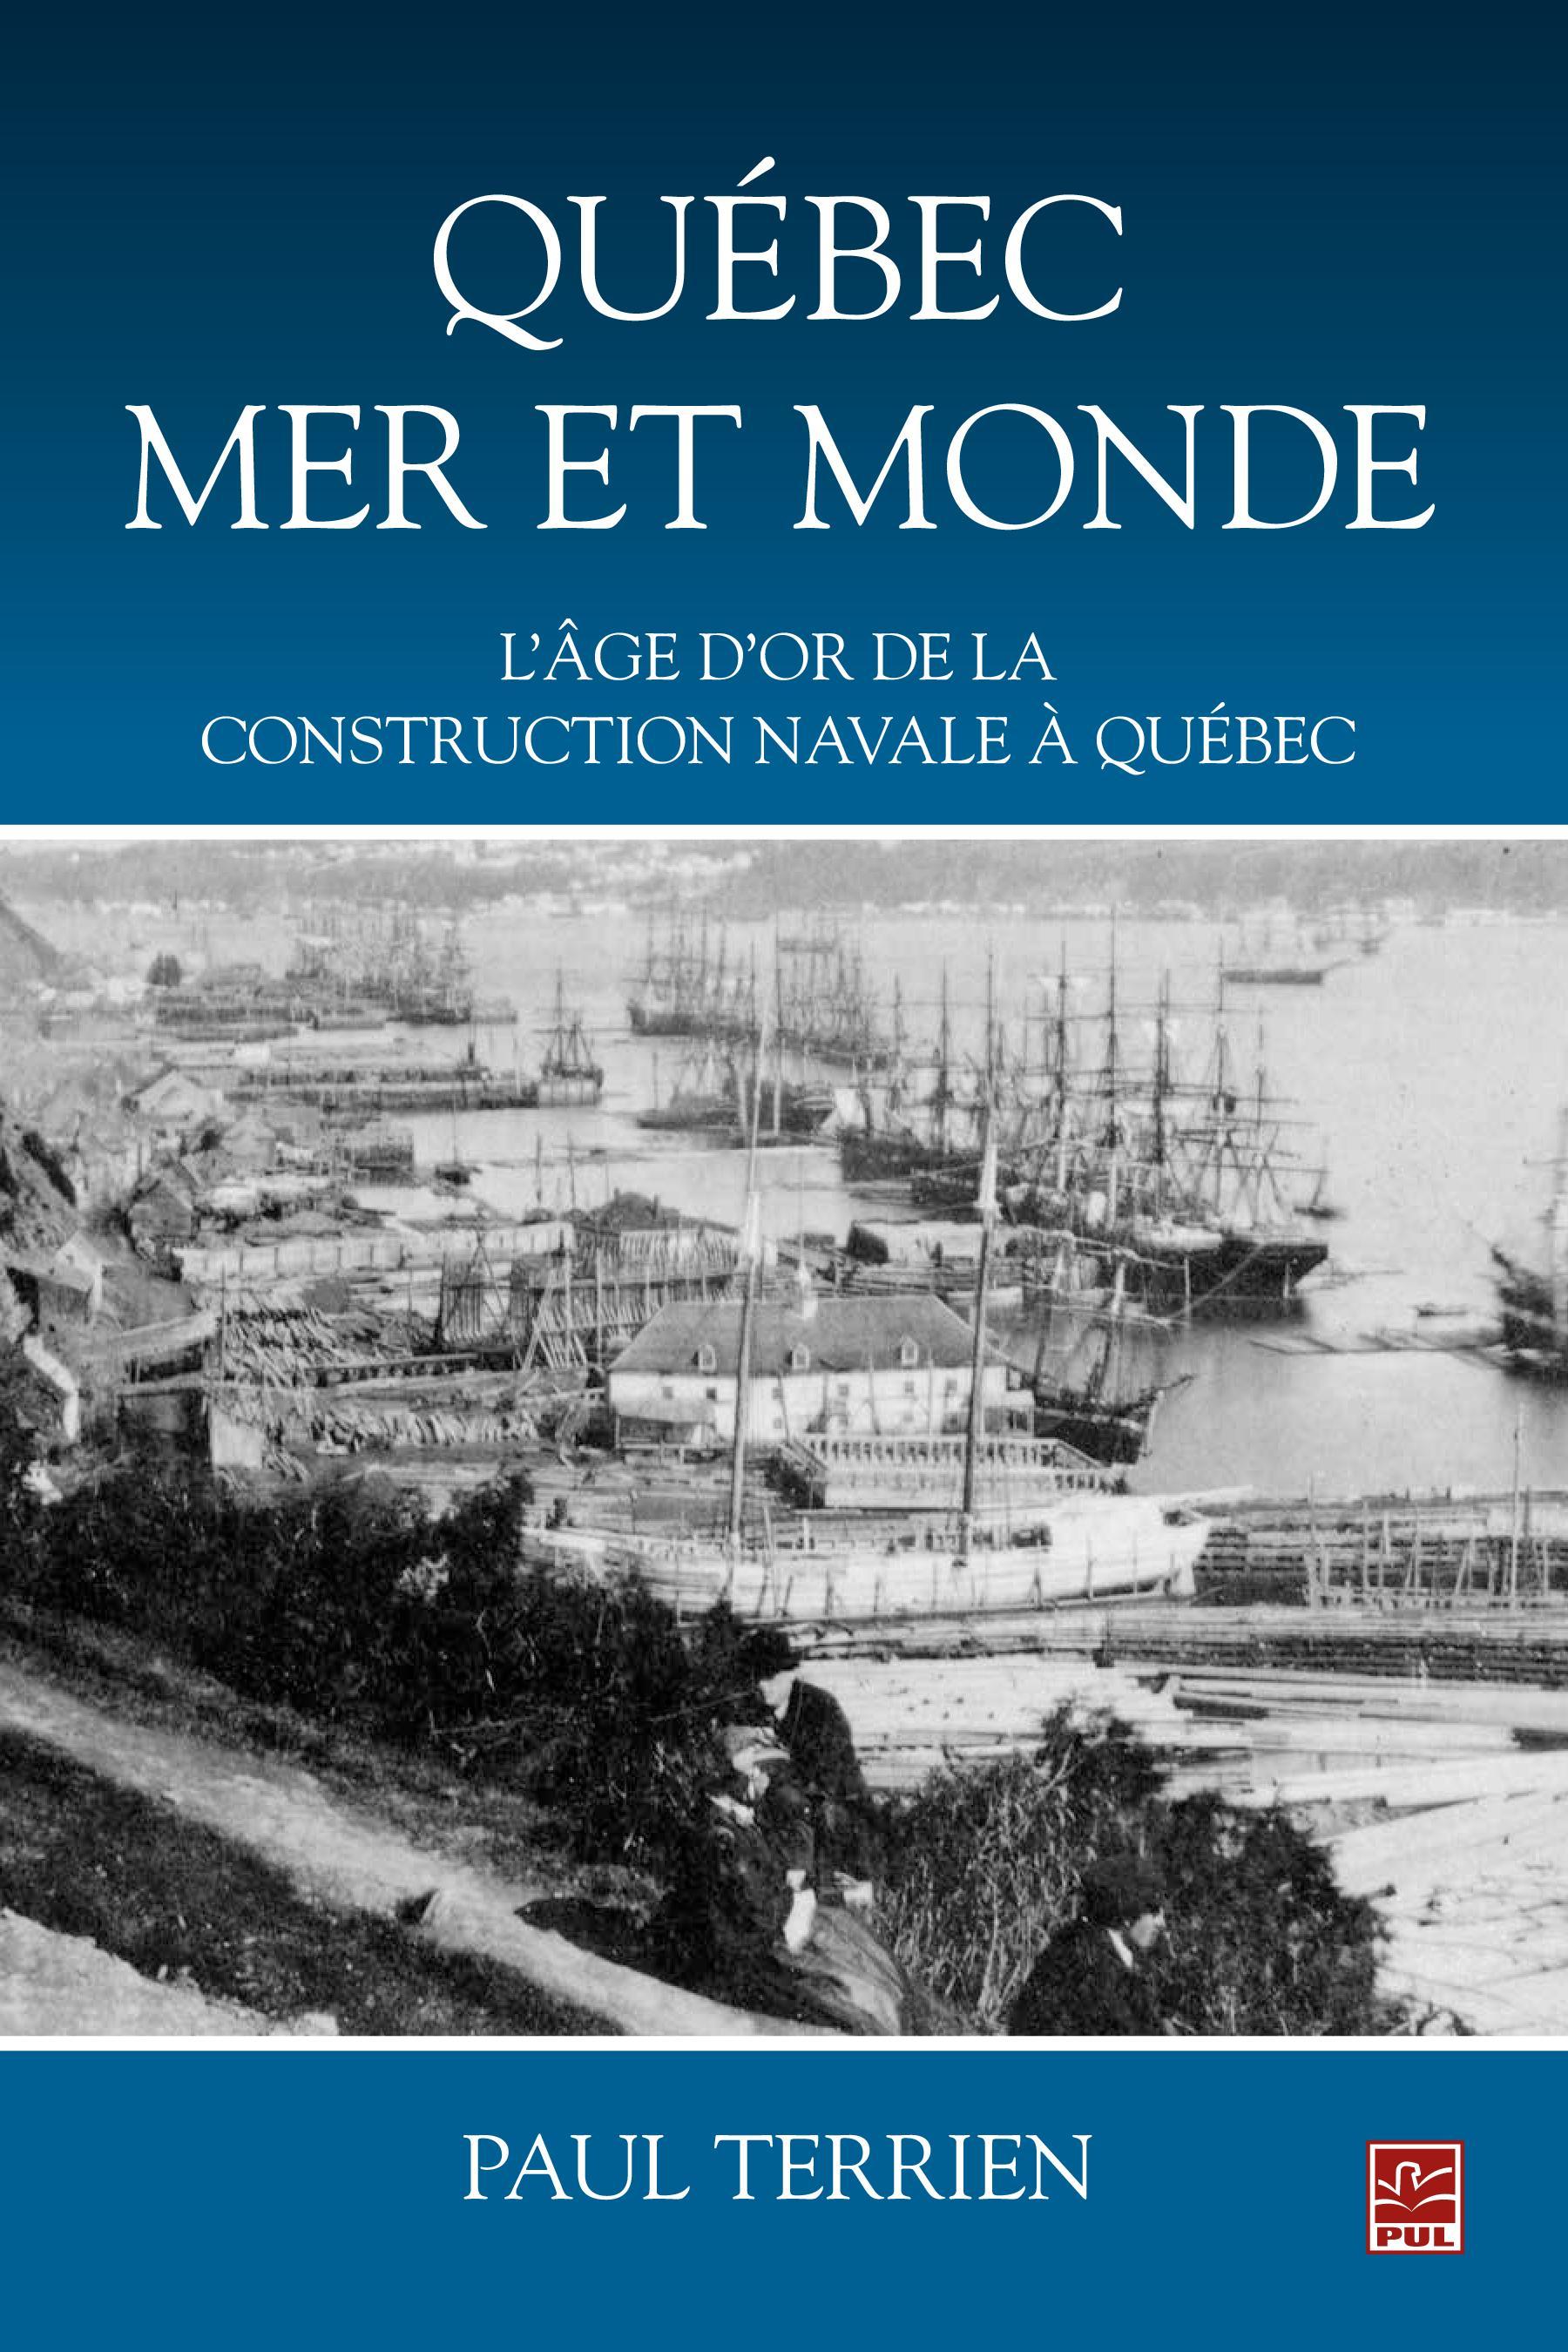 Québec mer et monde : L'âge d'or de la construction navale à Québec